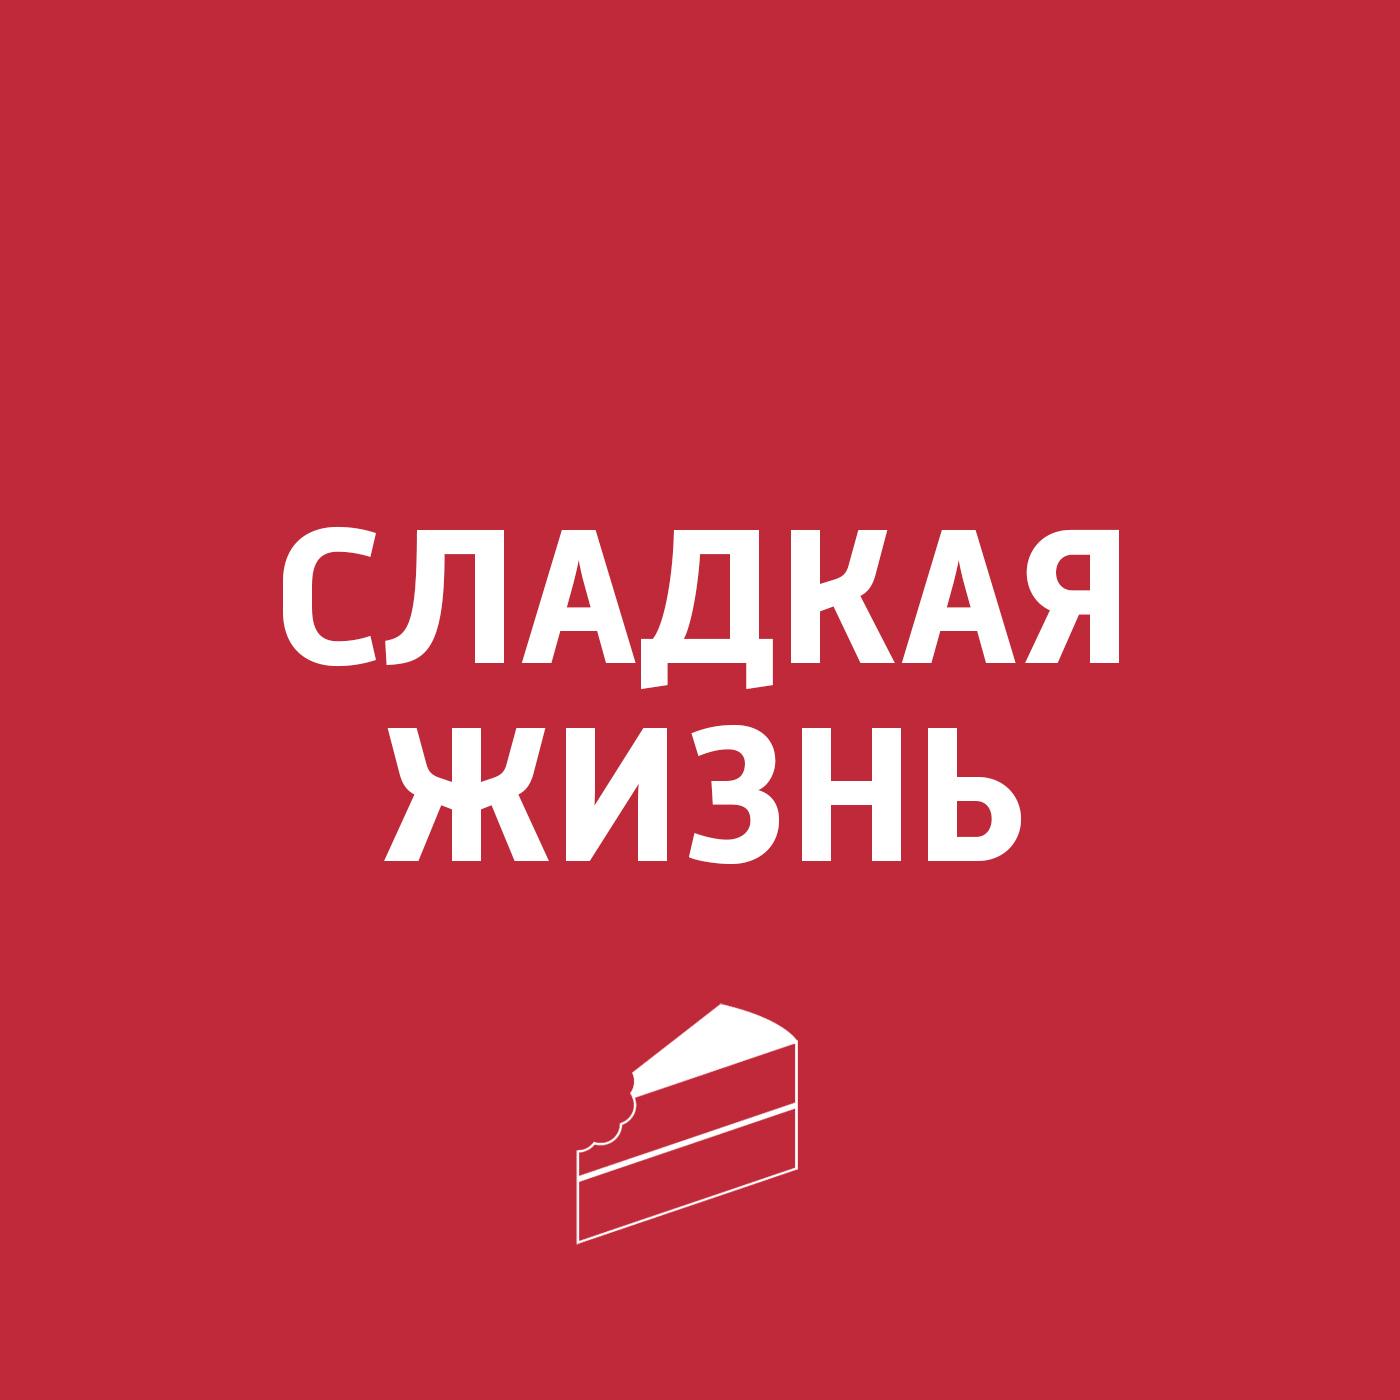 Картаев Павел Макарон-пирожное (продолжение)